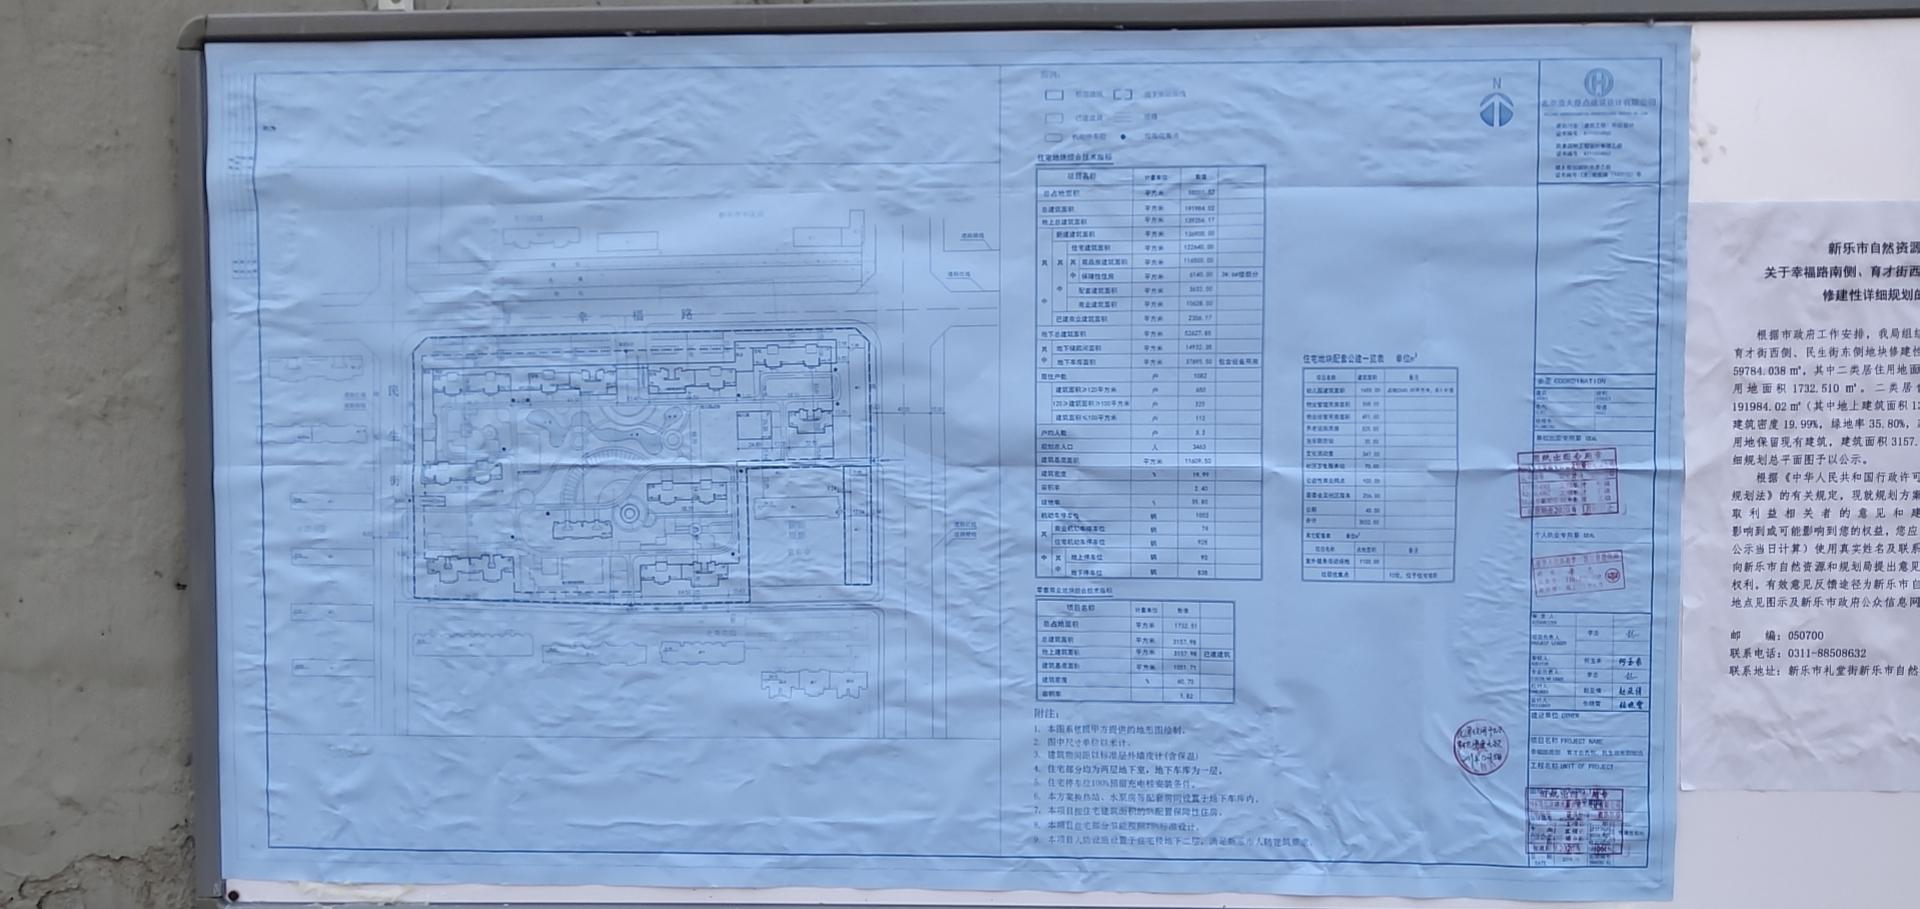 新乐市幸福路南侧、育才街西侧、民生街东侧地块修建性详细规划批前公示-中国网地产